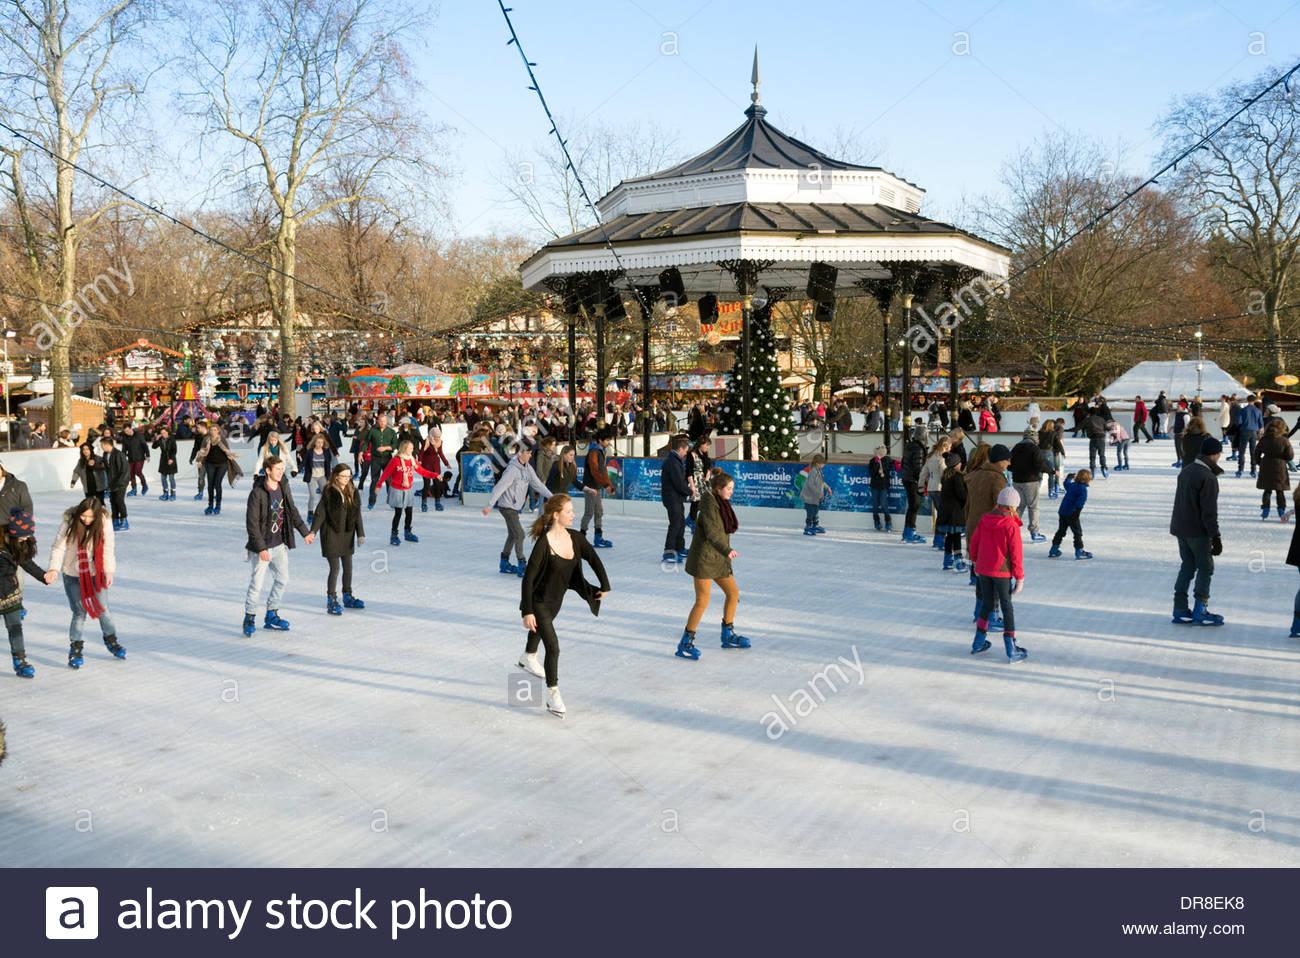 Open Air Ice Skating Rink At Christmas At Winter Wonderland Hyde Stock Photo